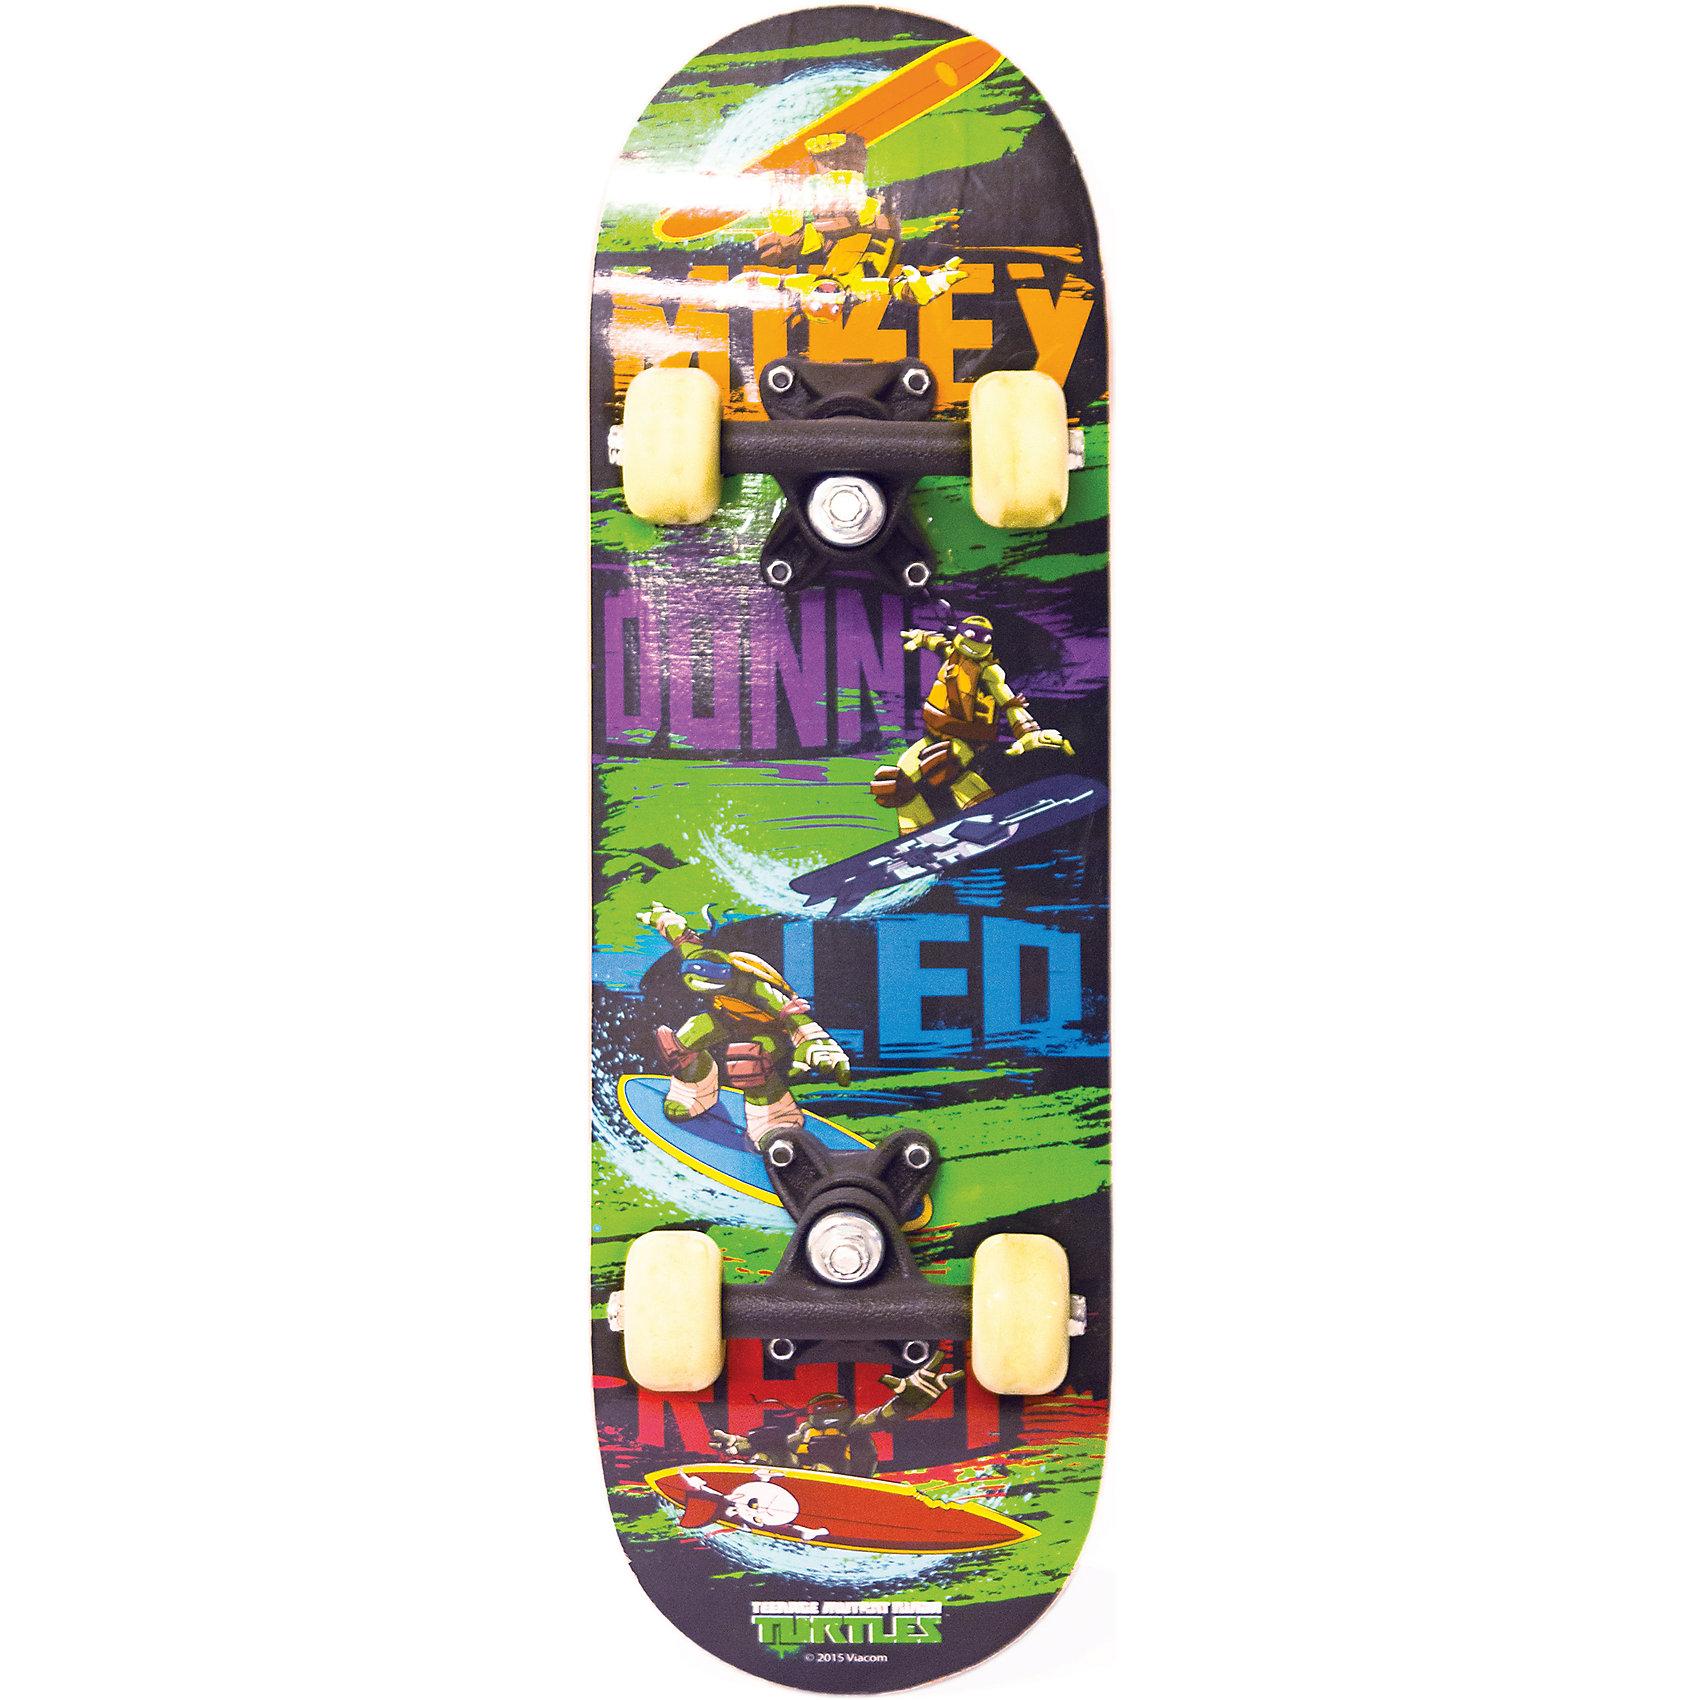 Скейтборд, Черепашки НиндзяЯркий скейтборд с изображениями любимых героев - прекрасный вариант для активного отдыха детей. Скейтборд сделан из высококачественных материалов, имеет устойчивые полиуретановые колеса. Катание на скейте не только модное и интересное увлечение, оно стимулирует ребенка к физической активности на свежем отдыхе, помогает развить различные группы мышц, координацию, укрепить иммунитет. <br><br>Дополнительная информация:<br><br>- Материал: пластик, дерево, металл.<br>- Длина: 55 см.<br>- Размер колес: 5 х 3 см.<br>- Подшипники: ABEC1.<br>- Амортизаторы: 90А.<br>- Вес: 1 кг.<br>- Максимальная нагрузка: 35 кг.<br>- Детская модель (от 4 лет).<br><br>Скейтборд,  Черепашки Ниндзя, в ассортименте, можно купить в нашем магазине.<br><br>Ширина мм: 559<br>Глубина мм: 110<br>Высота мм: 165<br>Вес г: 1063<br>Возраст от месяцев: 36<br>Возраст до месяцев: 84<br>Пол: Мужской<br>Возраст: Детский<br>SKU: 4696134